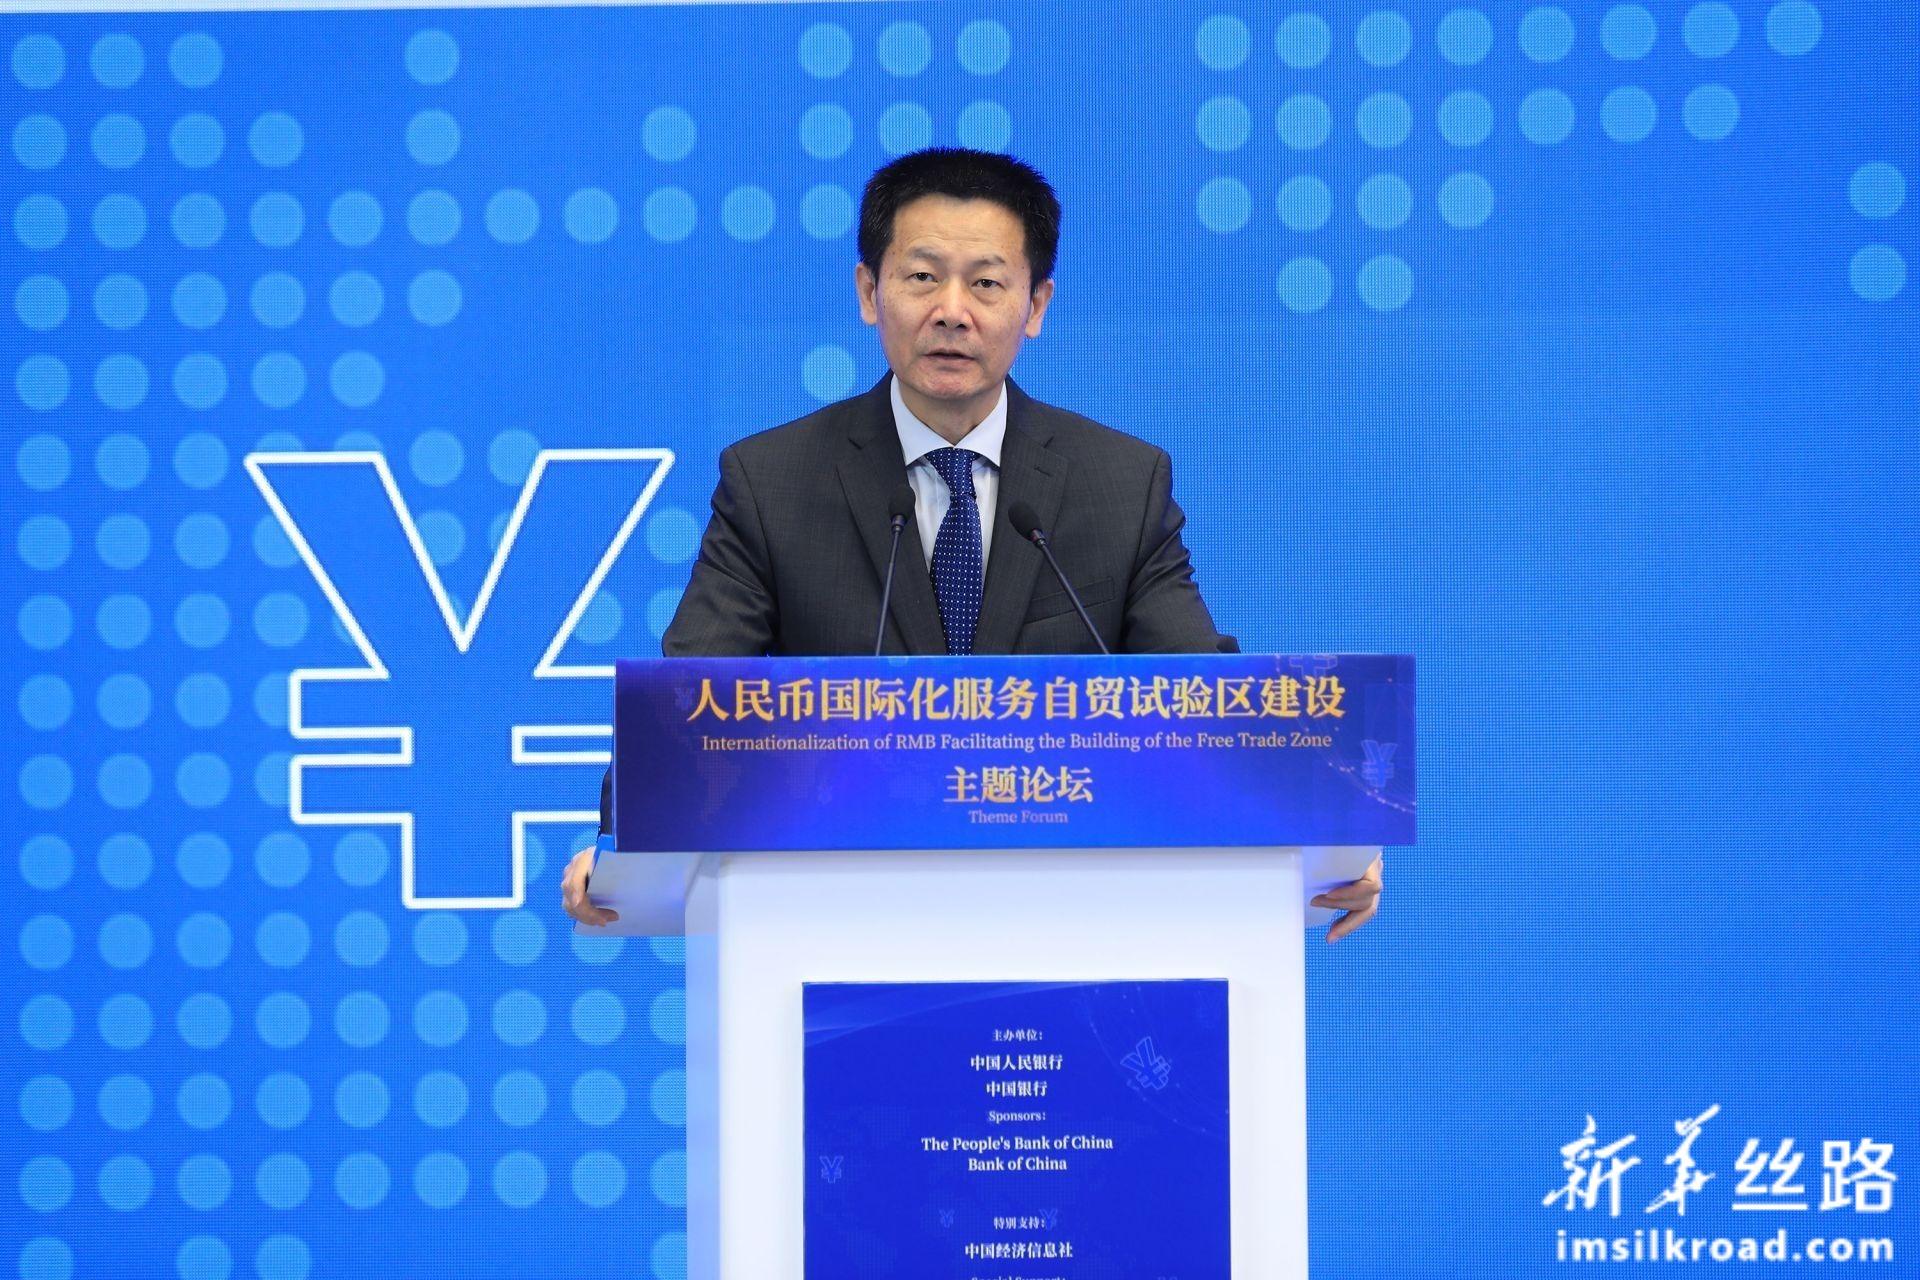 """在""""人民币国际化服务自贸试验区建设""""主题论坛上,上海市人民政府副市长吴清致辞"""